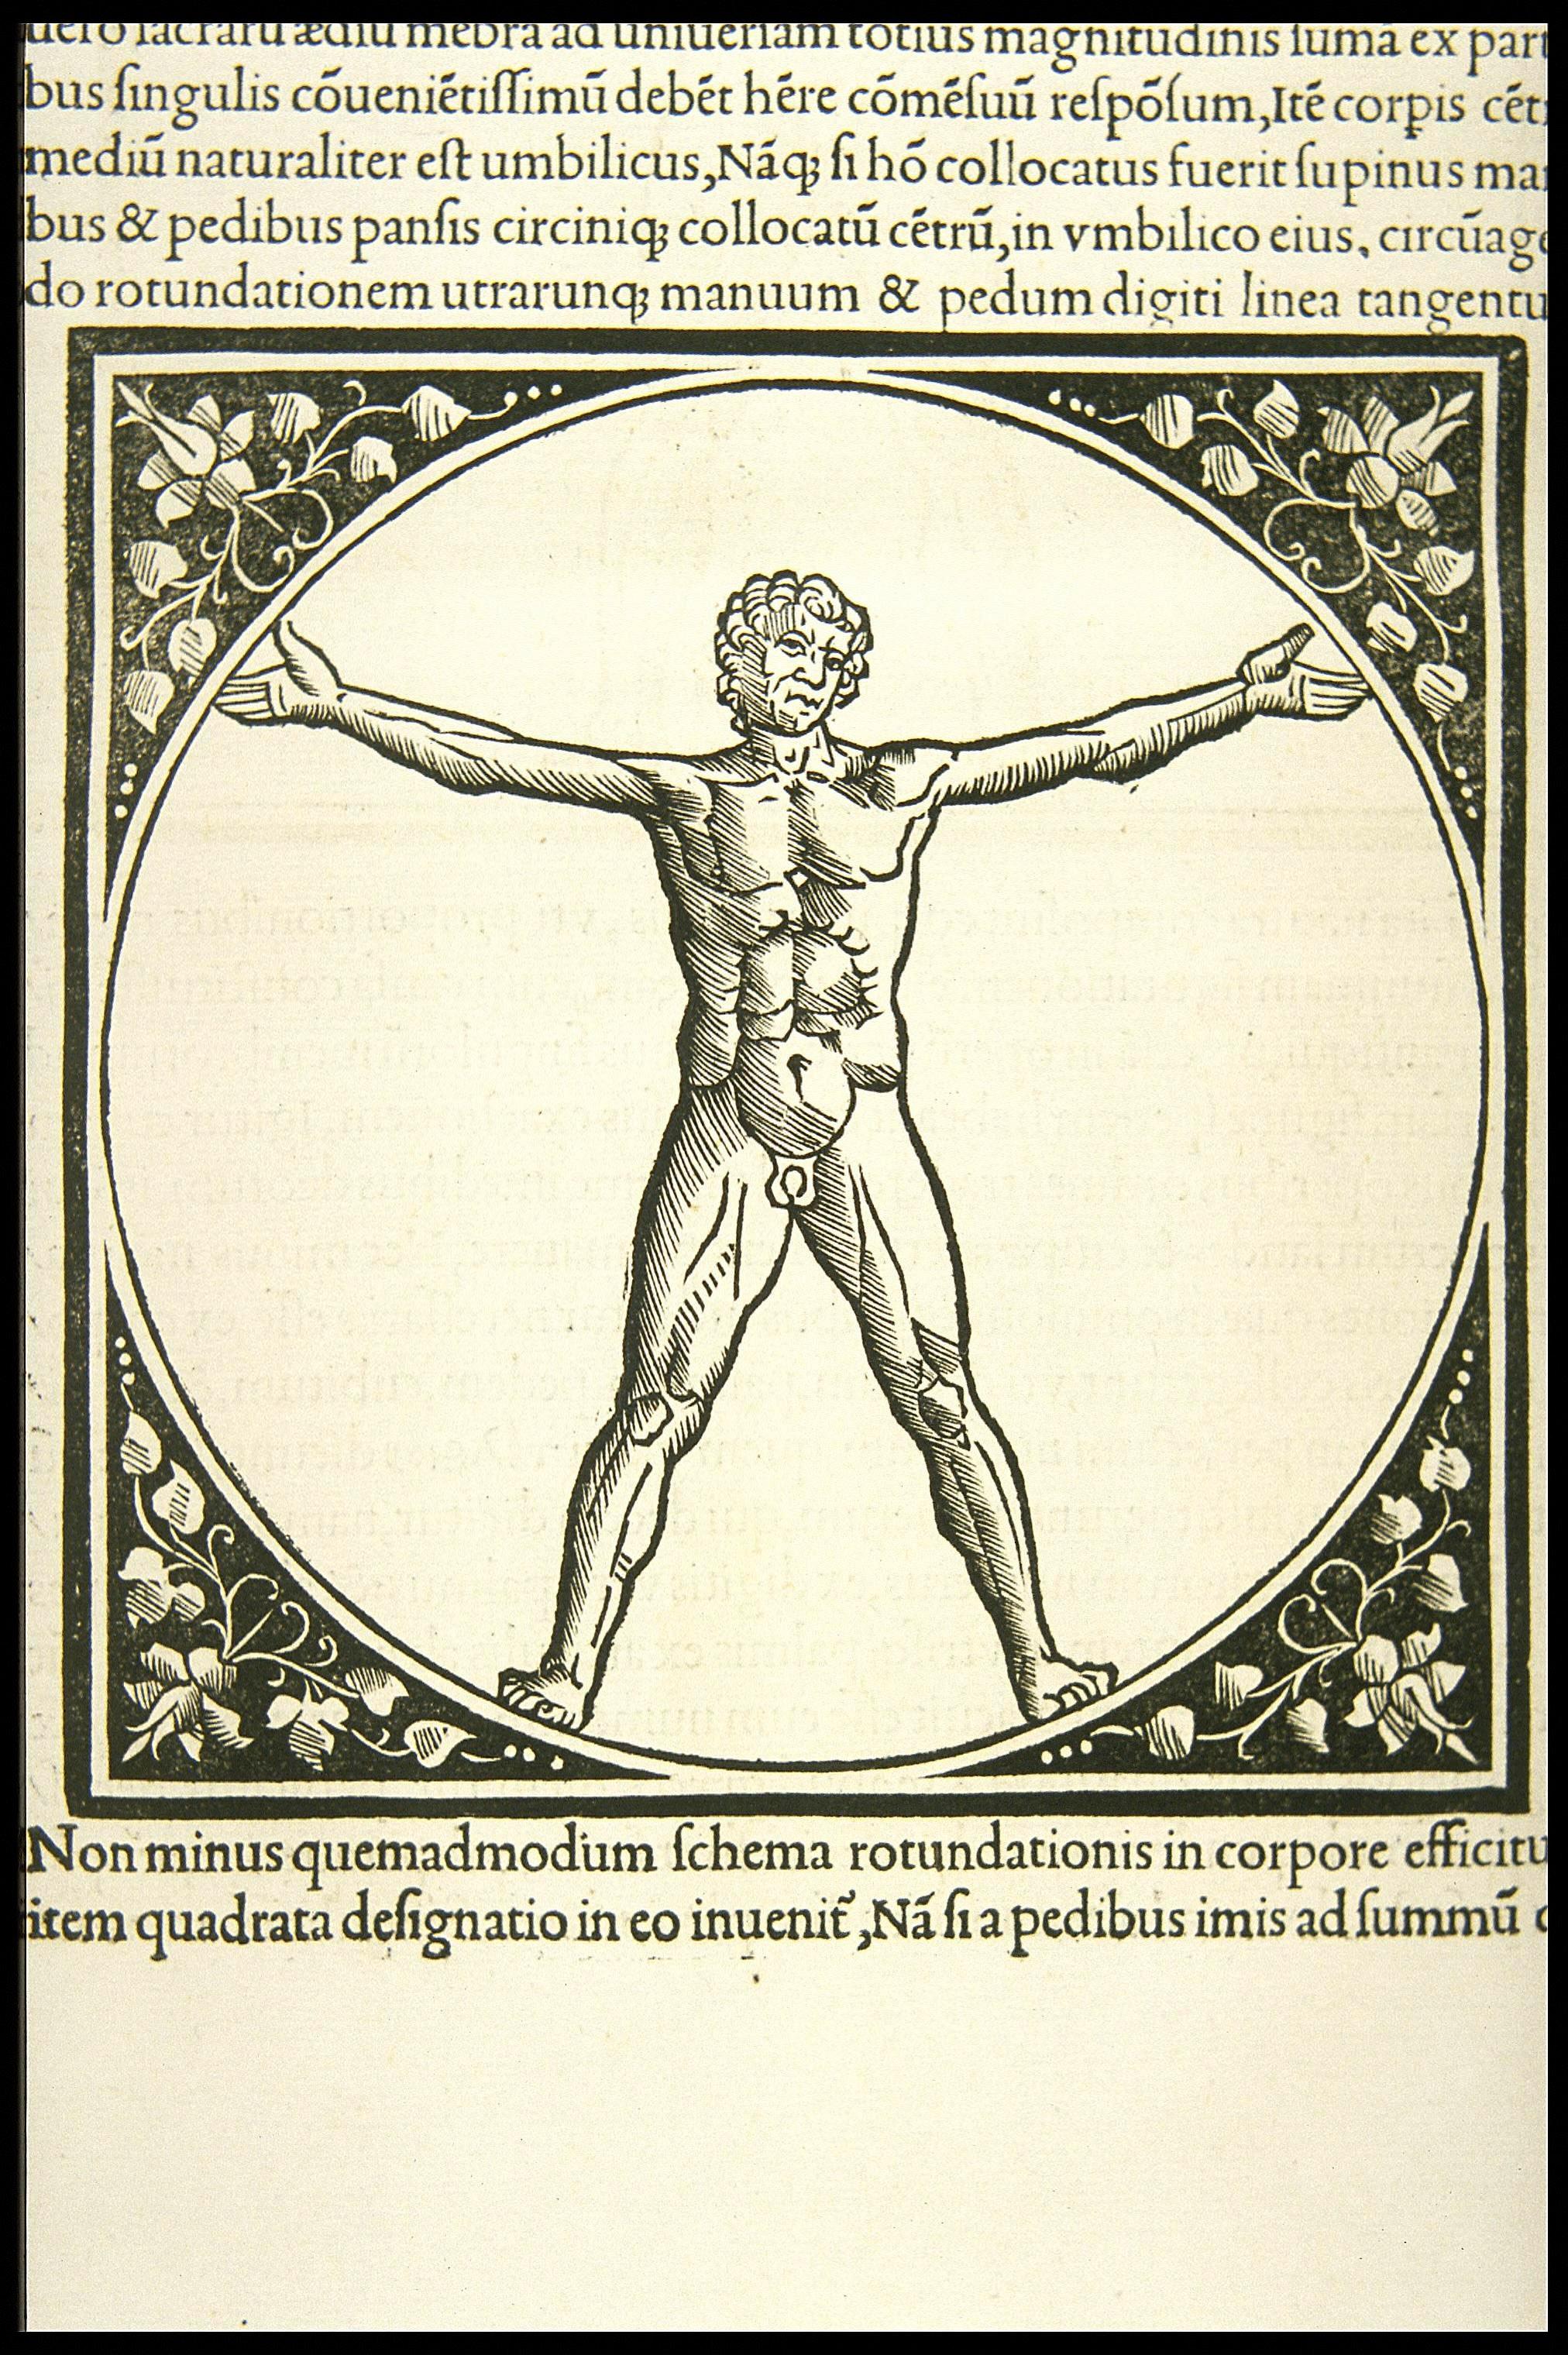 Vitruvius 1511.jpg